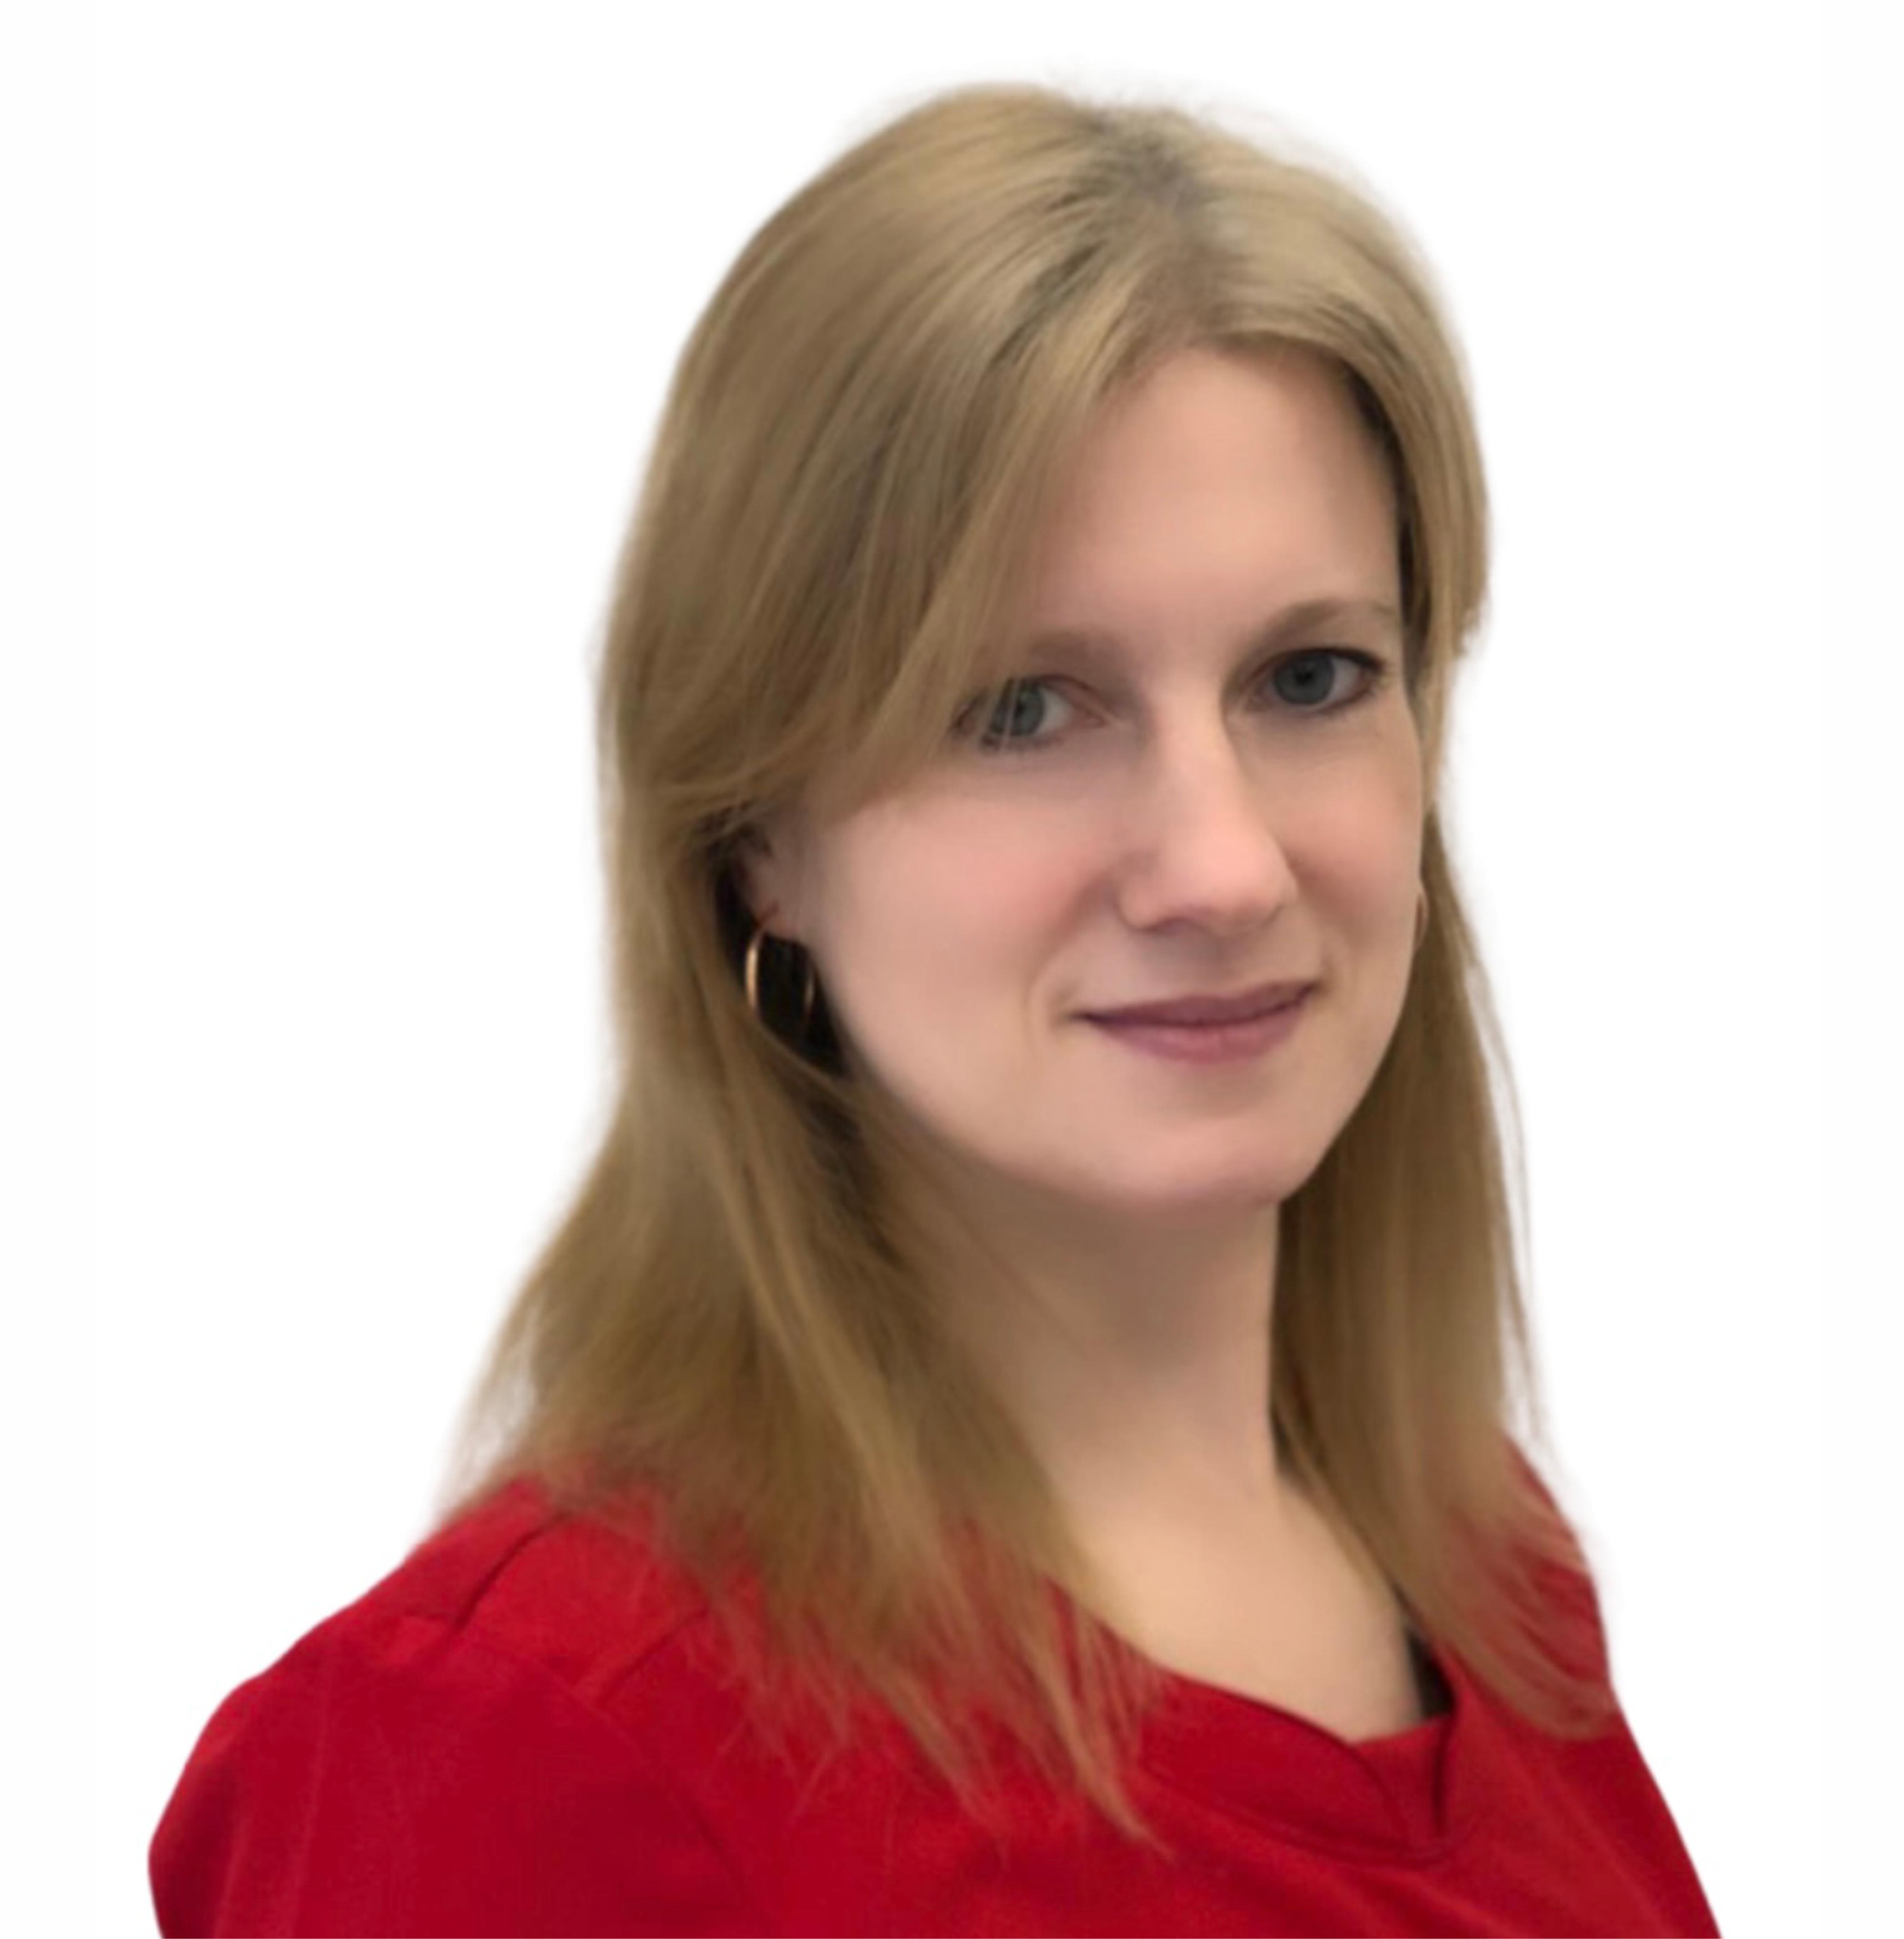 Екатерина Талызина